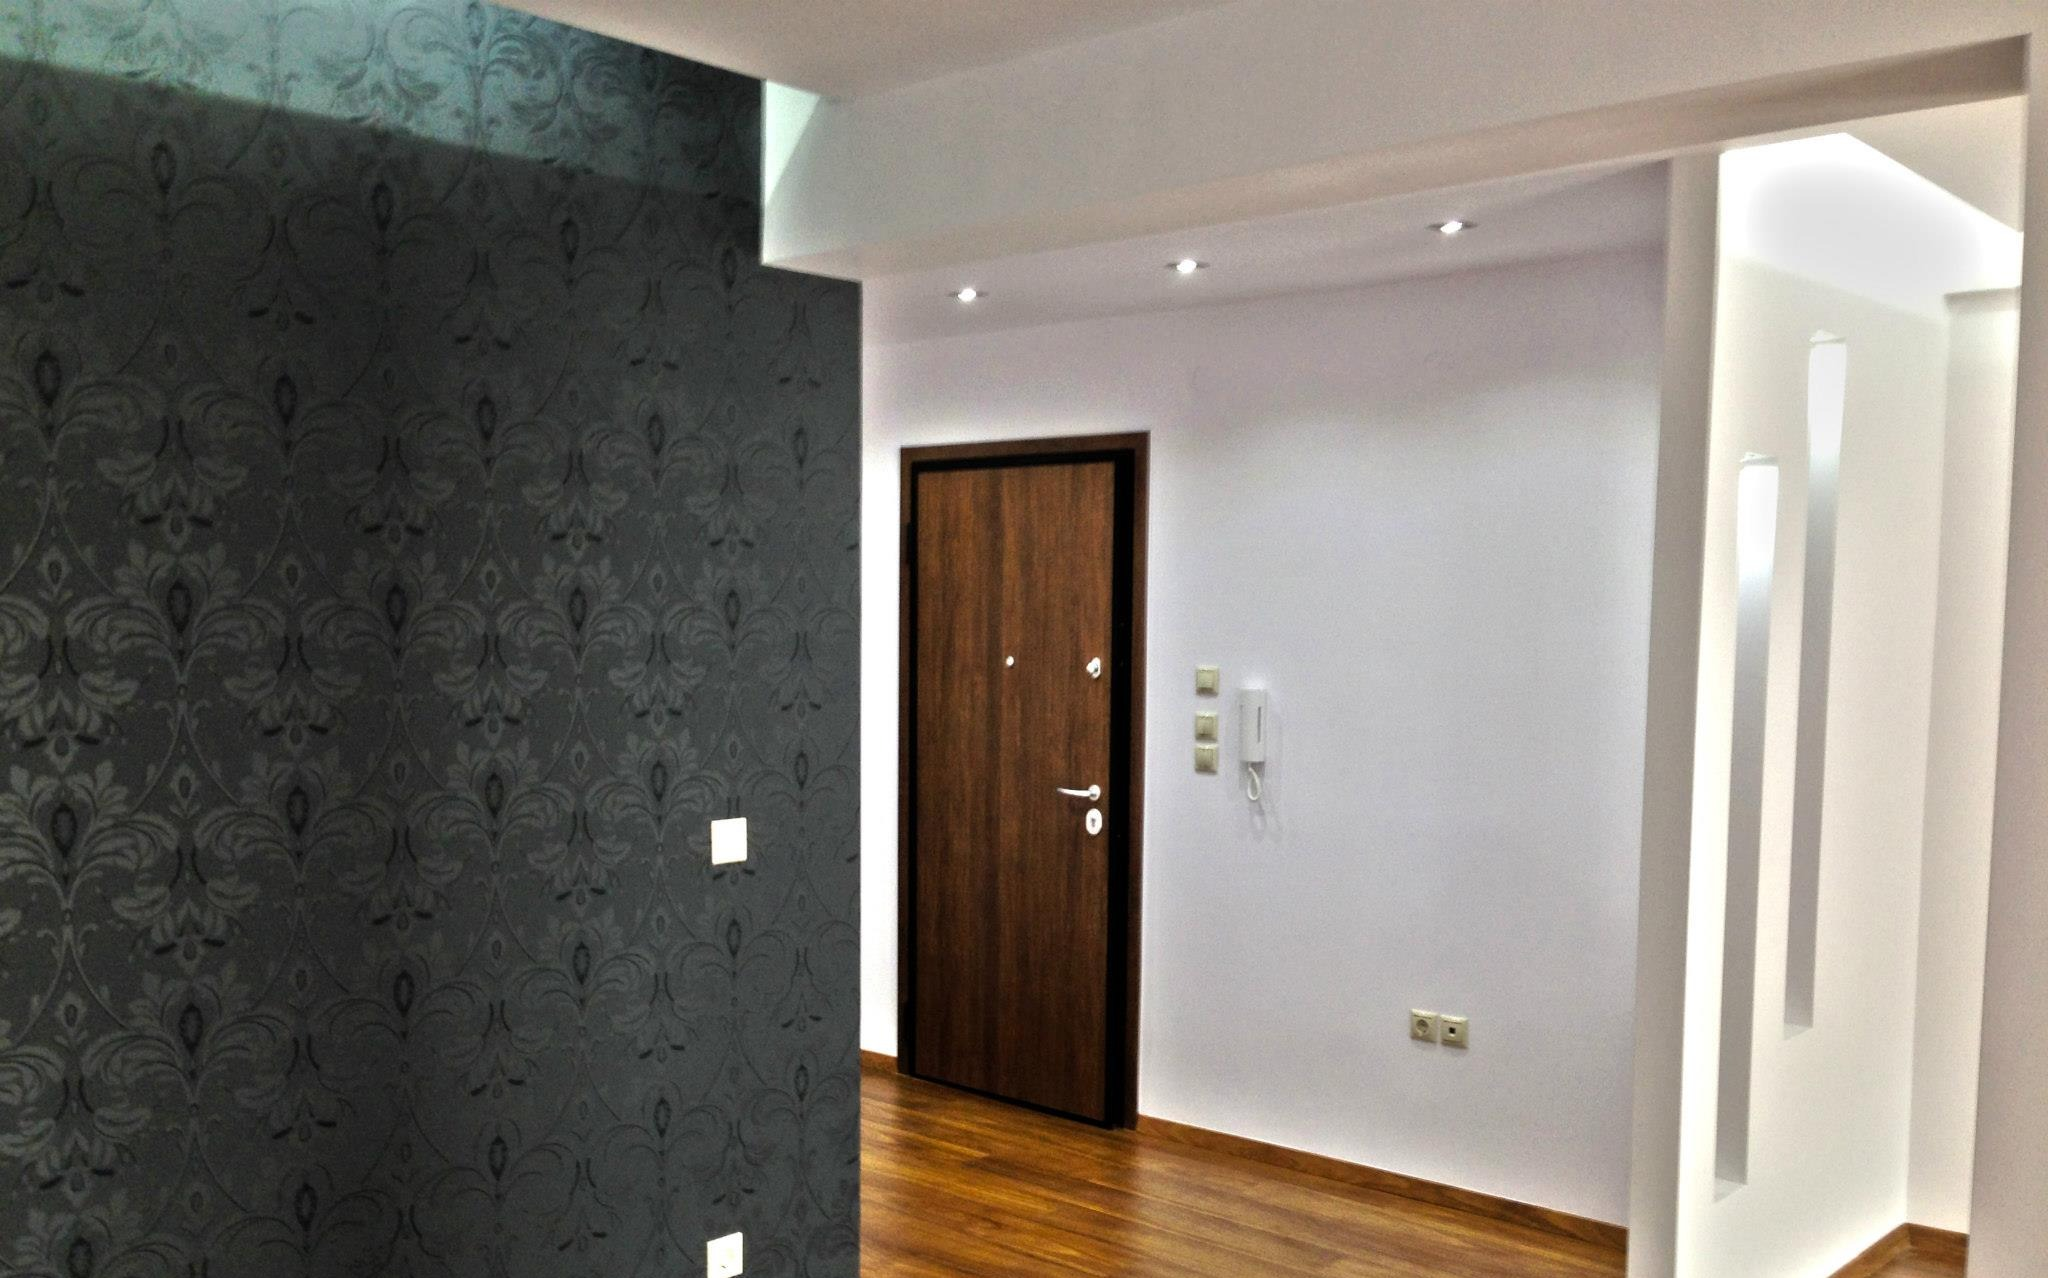 Διαμέρισμα στην Αριστοτέλους Θεσσαλονίκη